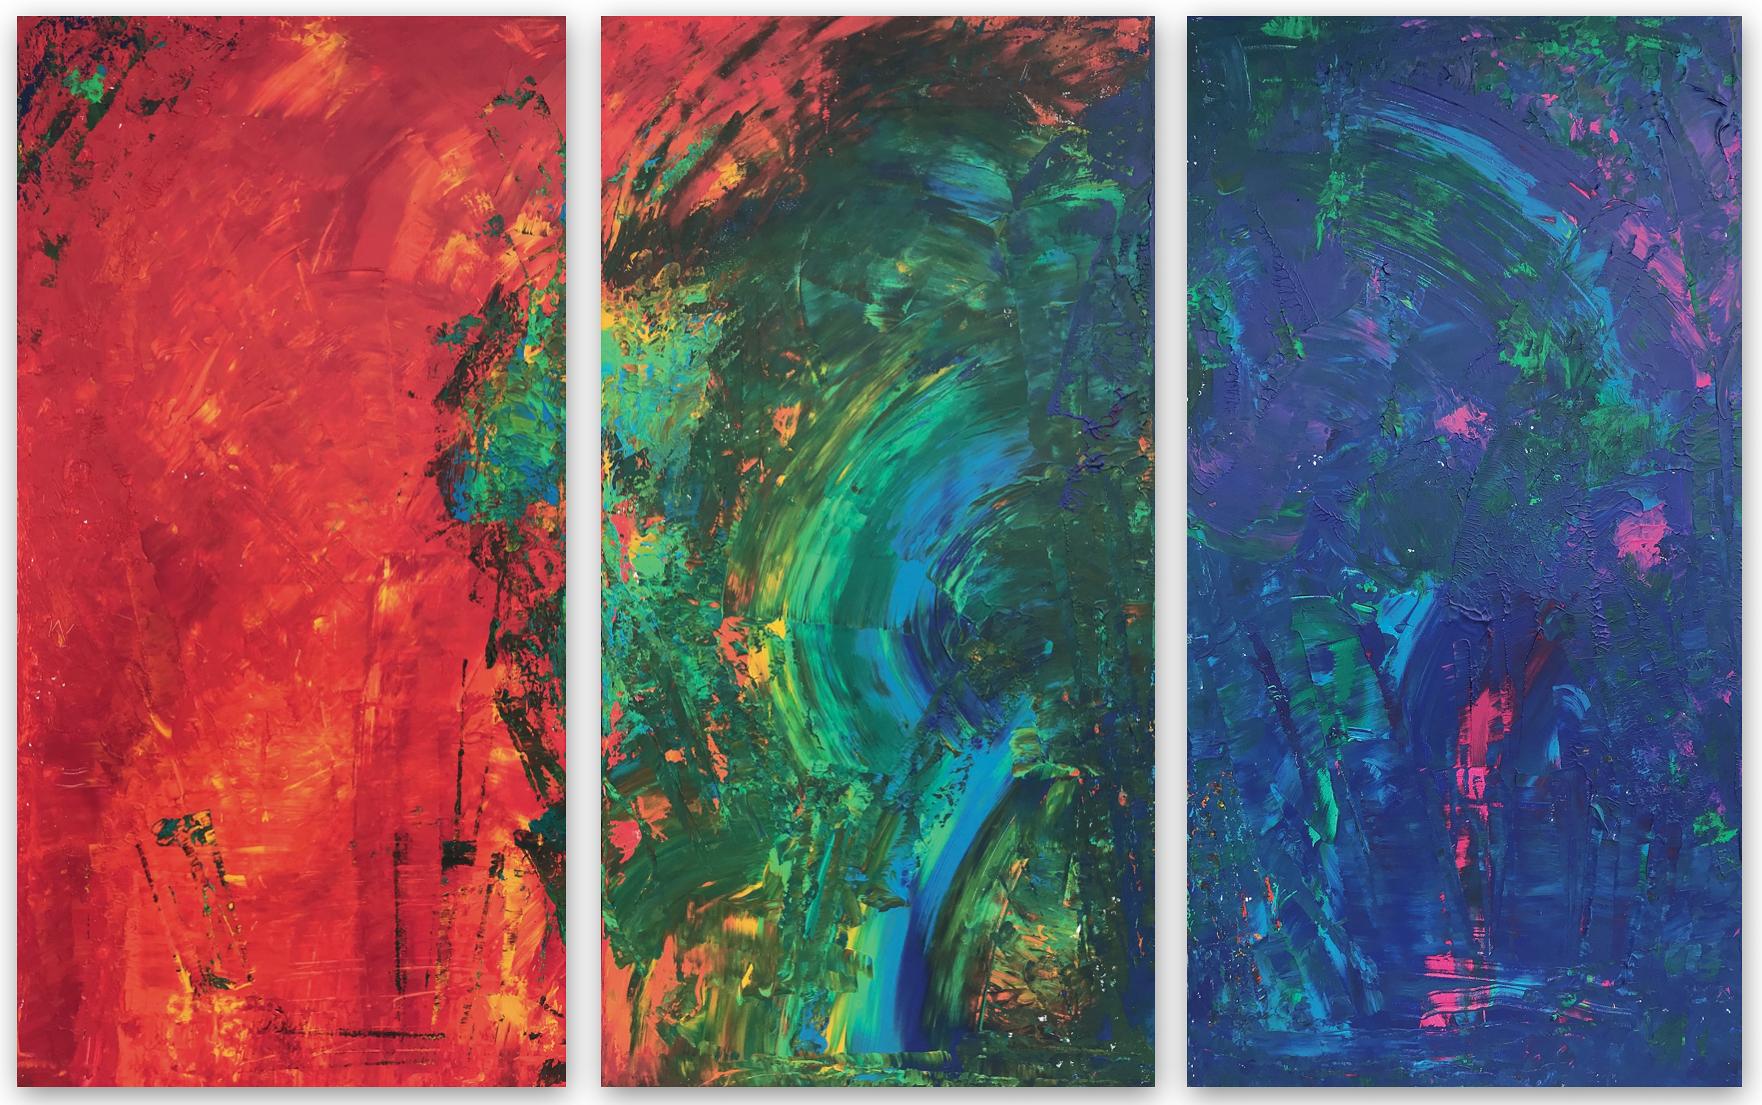 Arc en Ciel Nr. 23/1 - 23/3 Triptychon